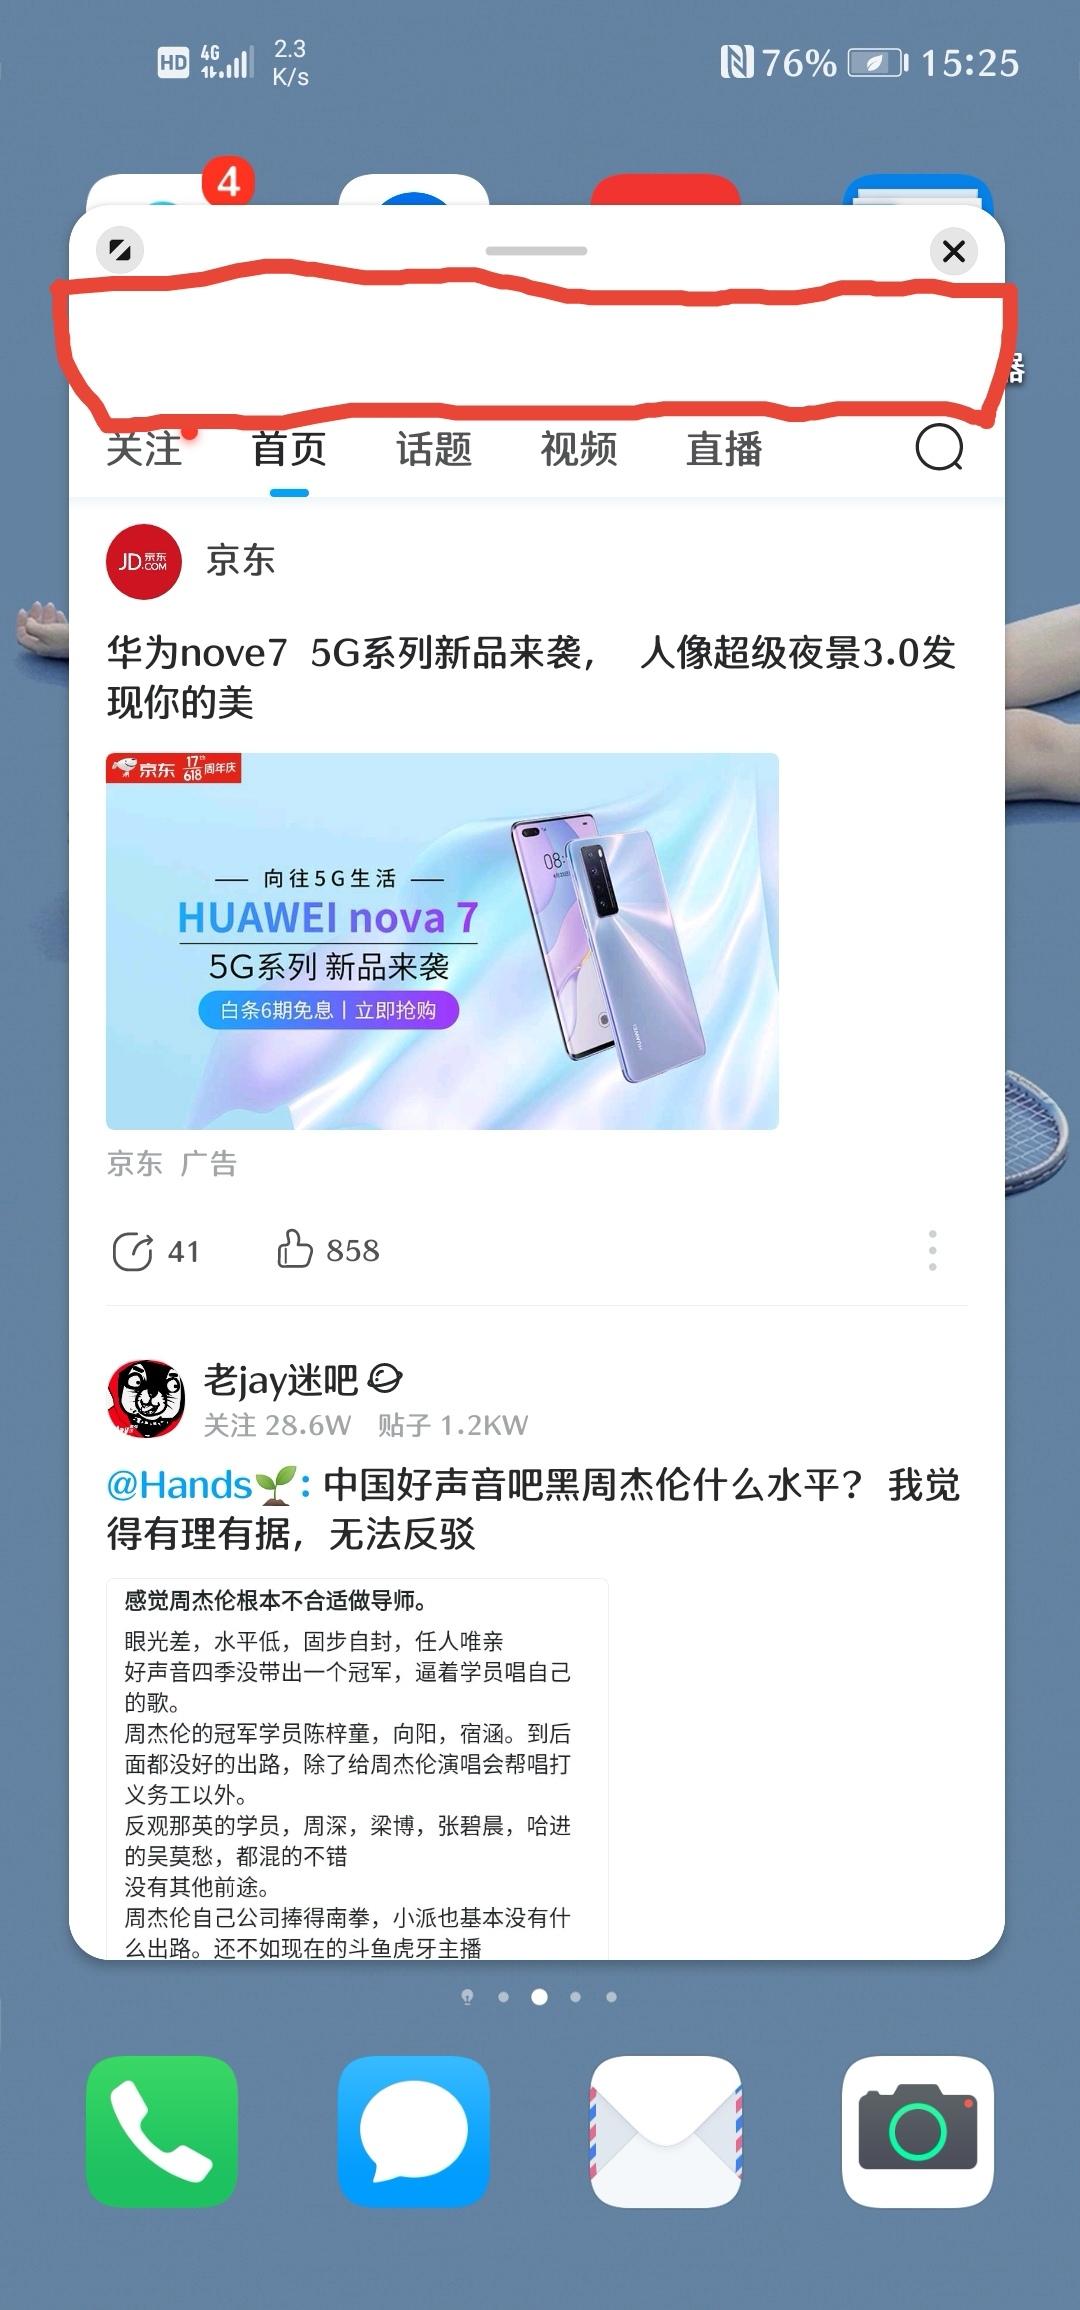 Screenshot_20200520_153250.jpg